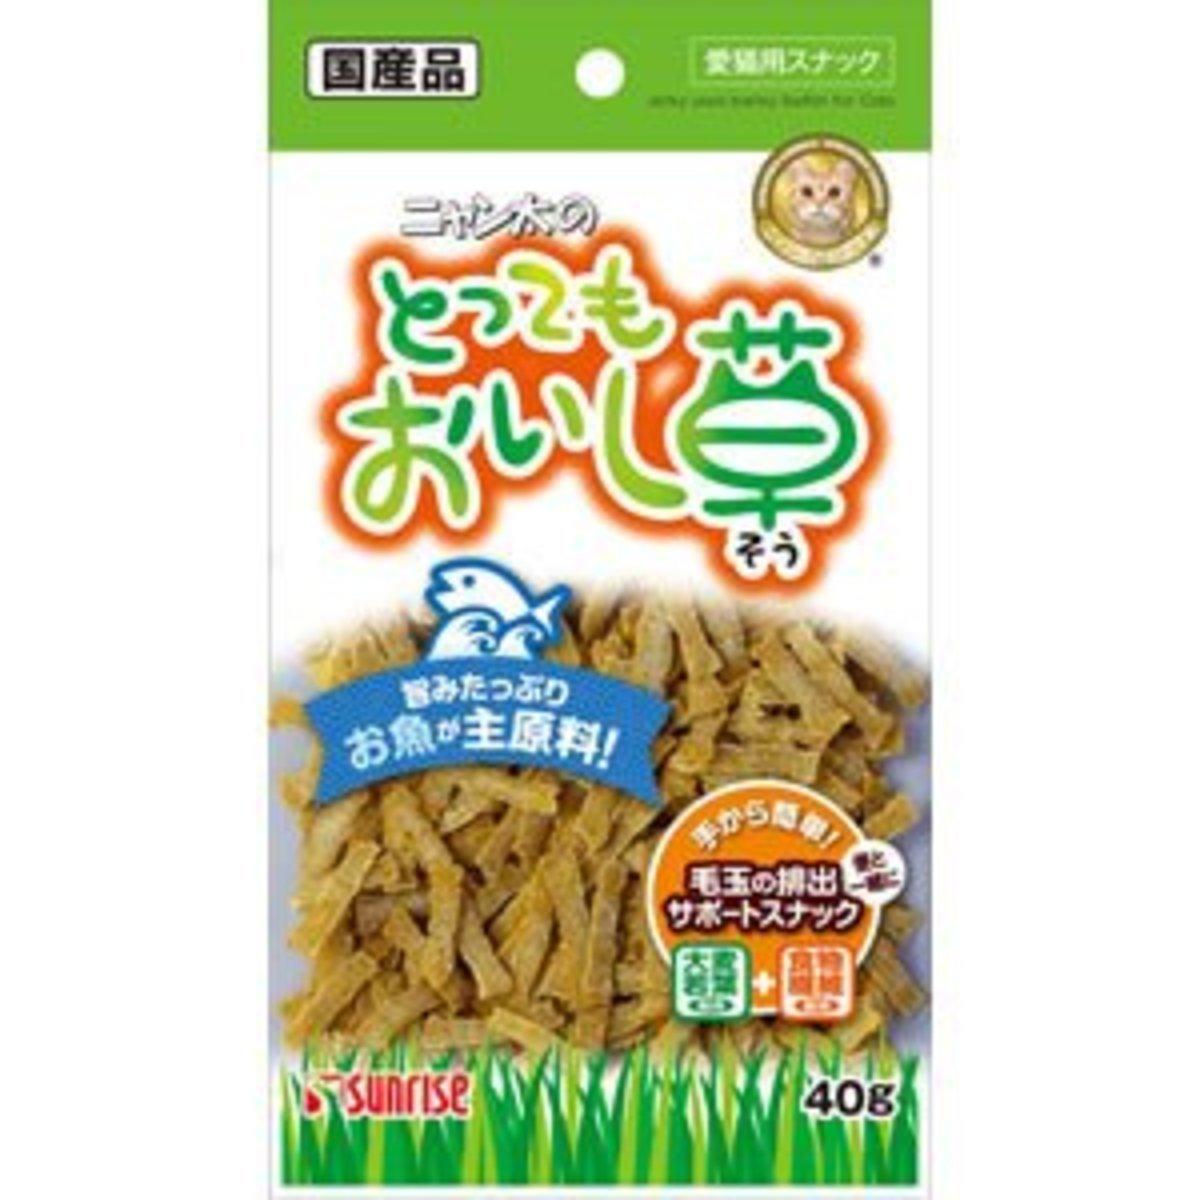 日本 SUNRISE 白身魚肉貓草條